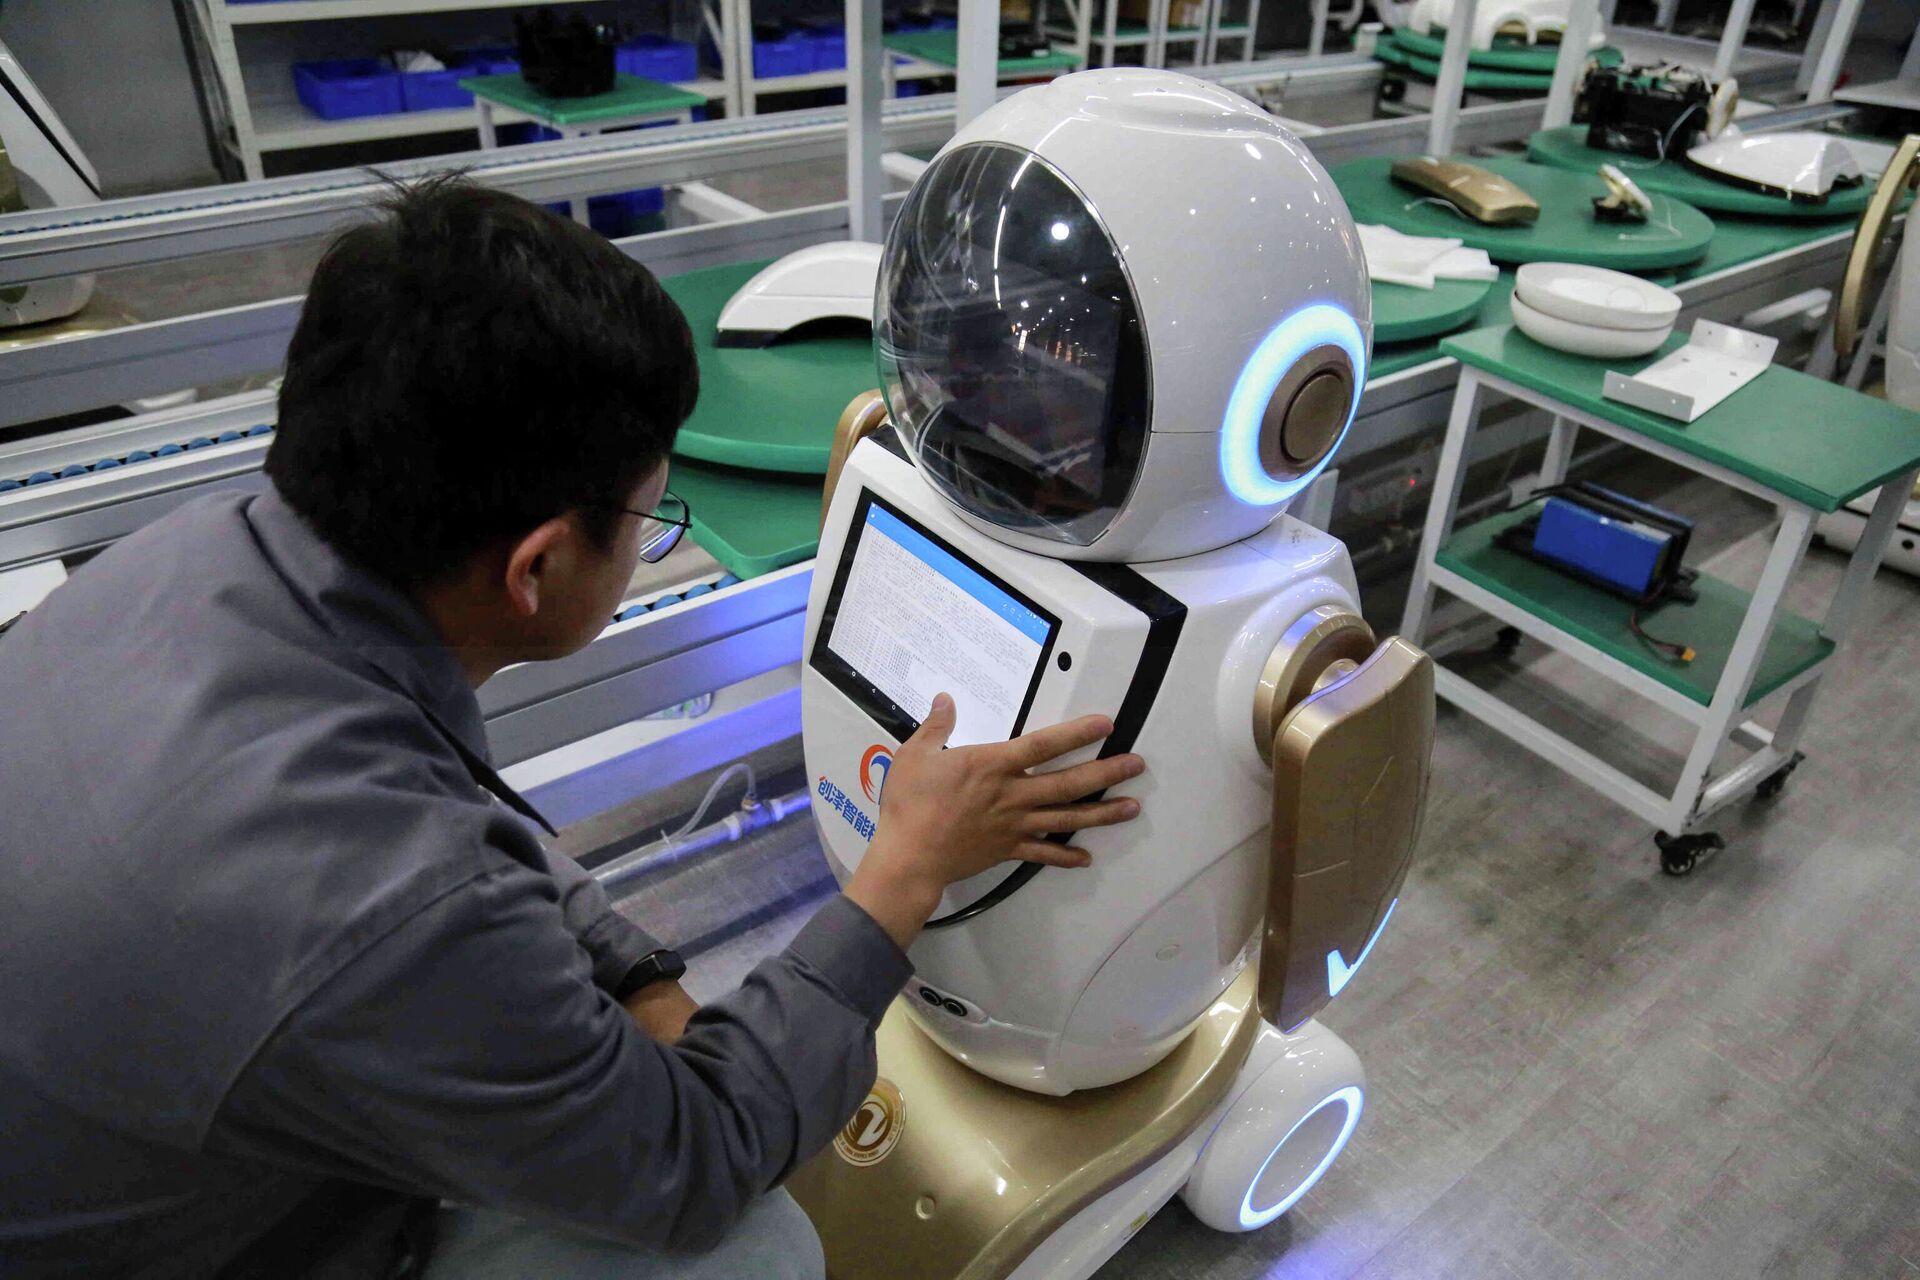 Рабочий проверяет робота, предназначенного для экспорта на Ближний Восток, на фабрике в Чжанъе - РИА Новости, 1920, 10.06.2021